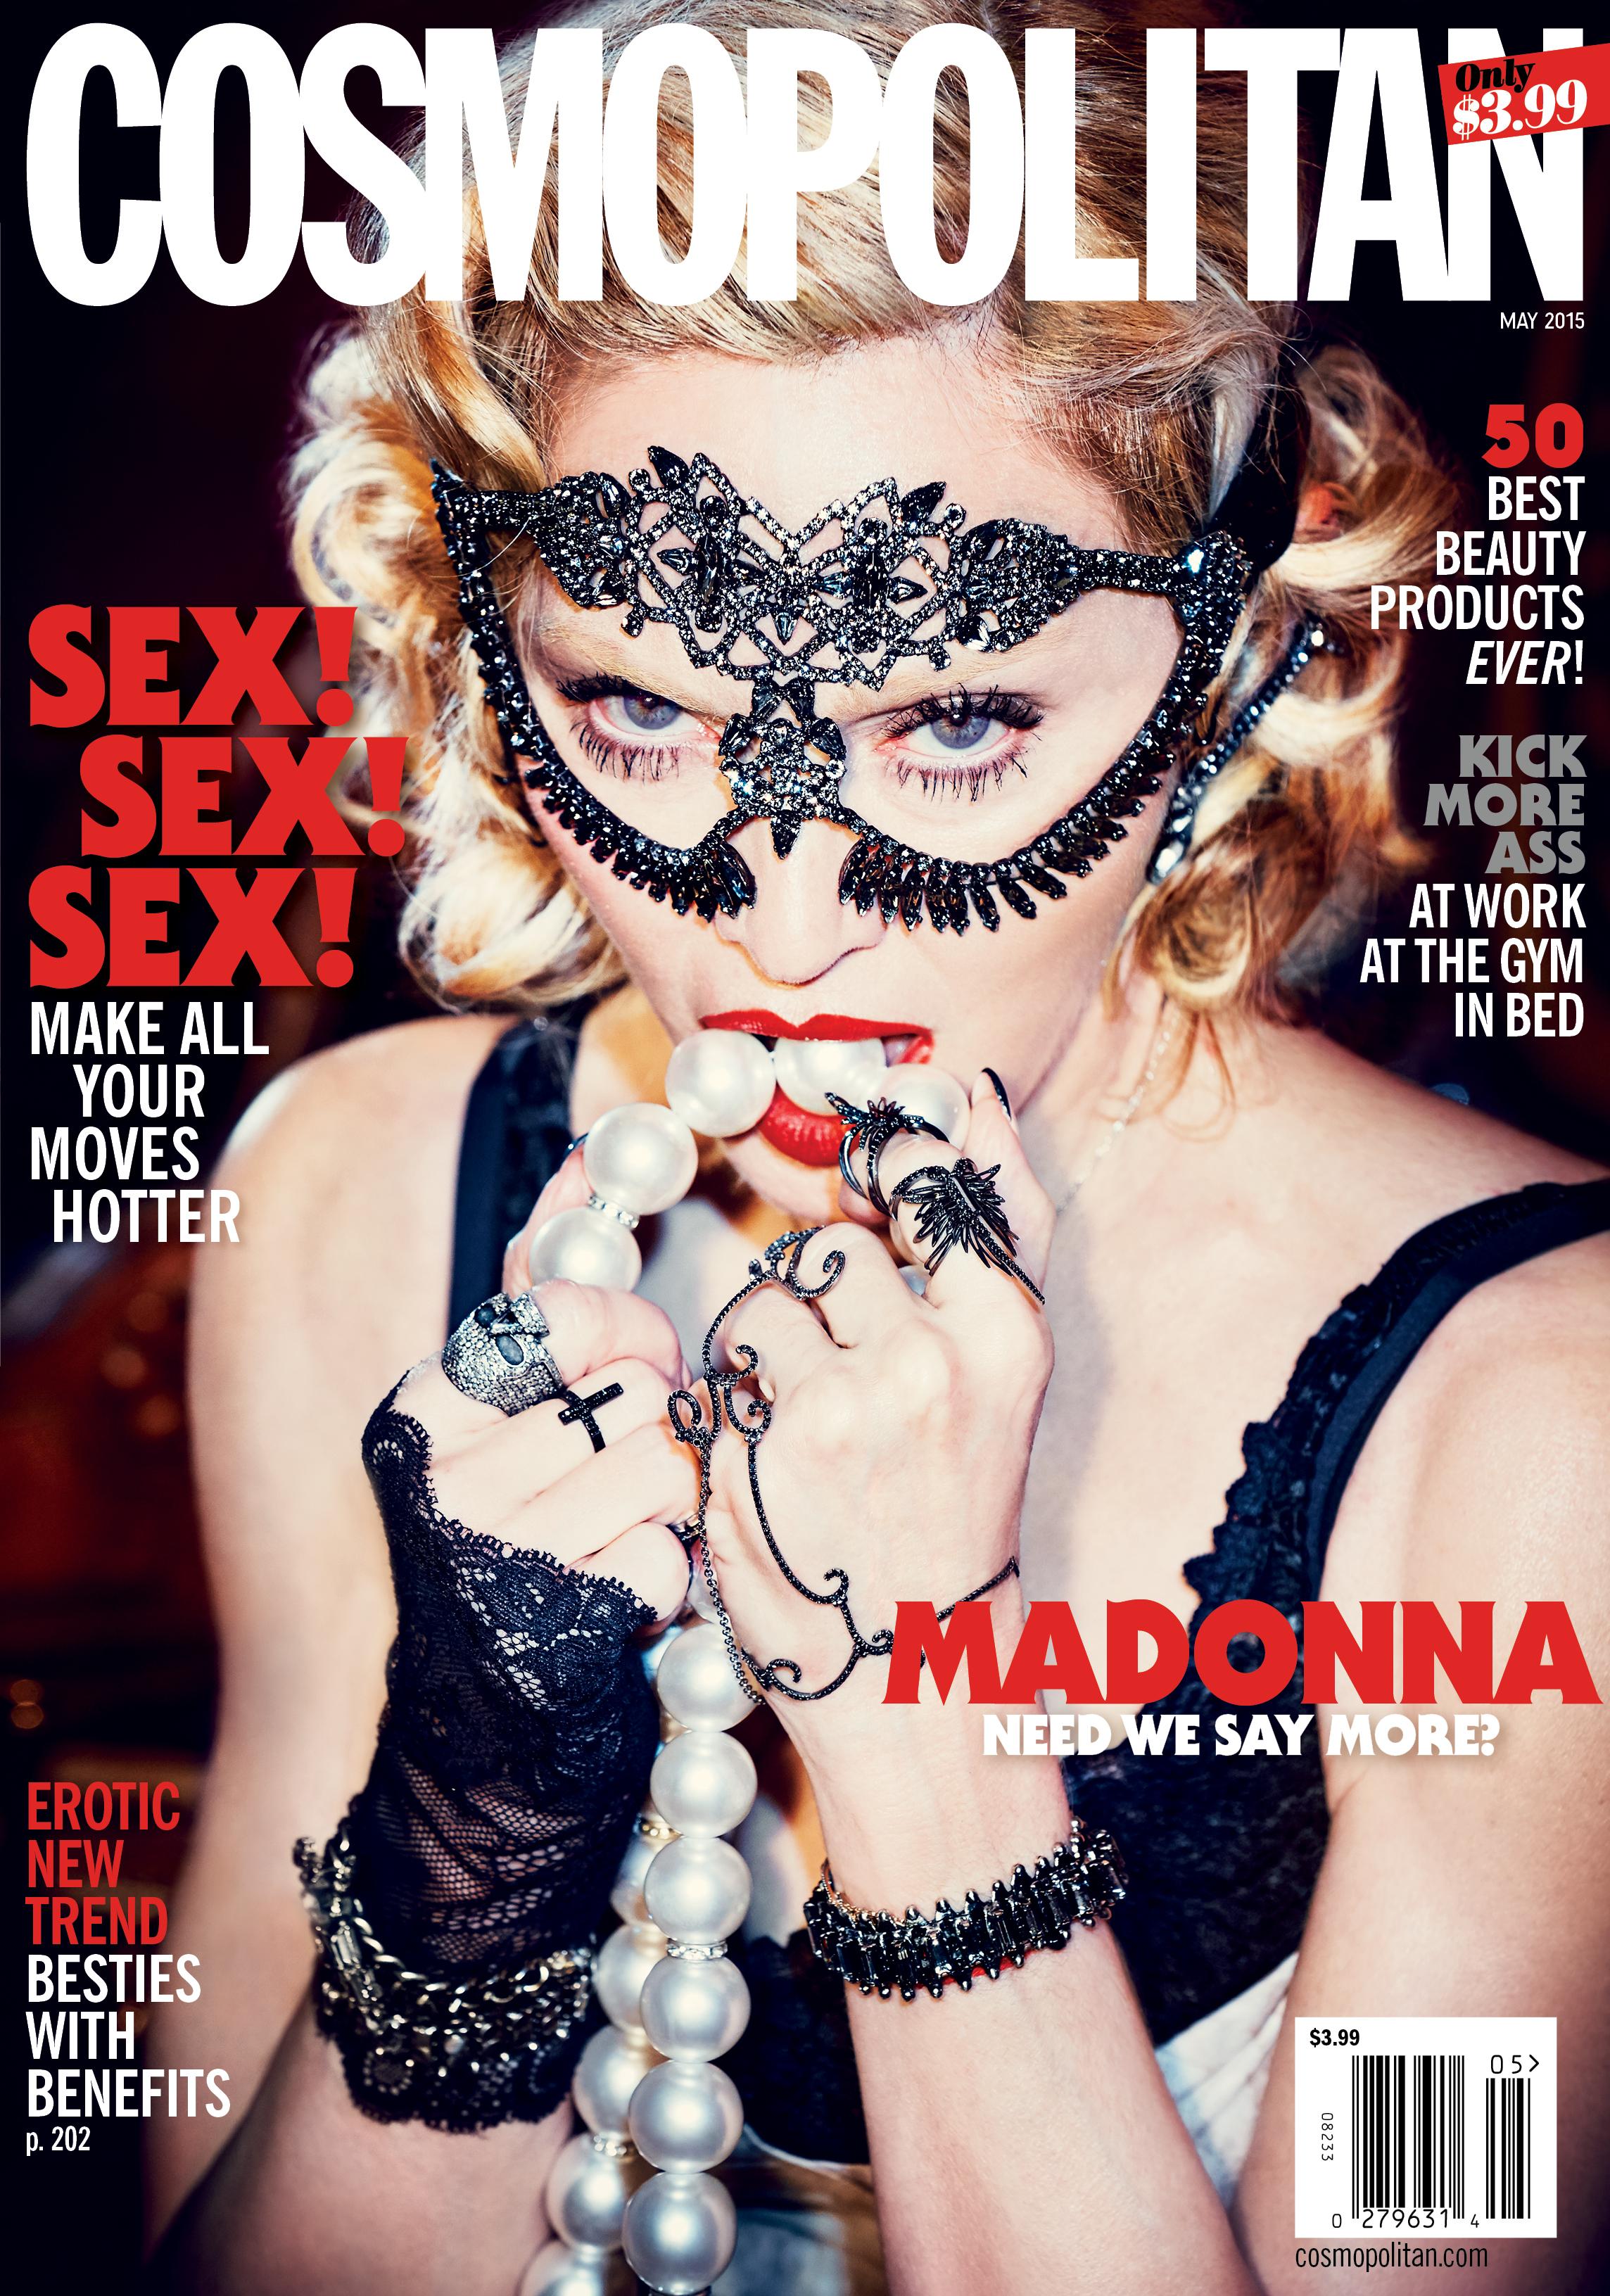 Madonna | Cosmopolitan May 2015